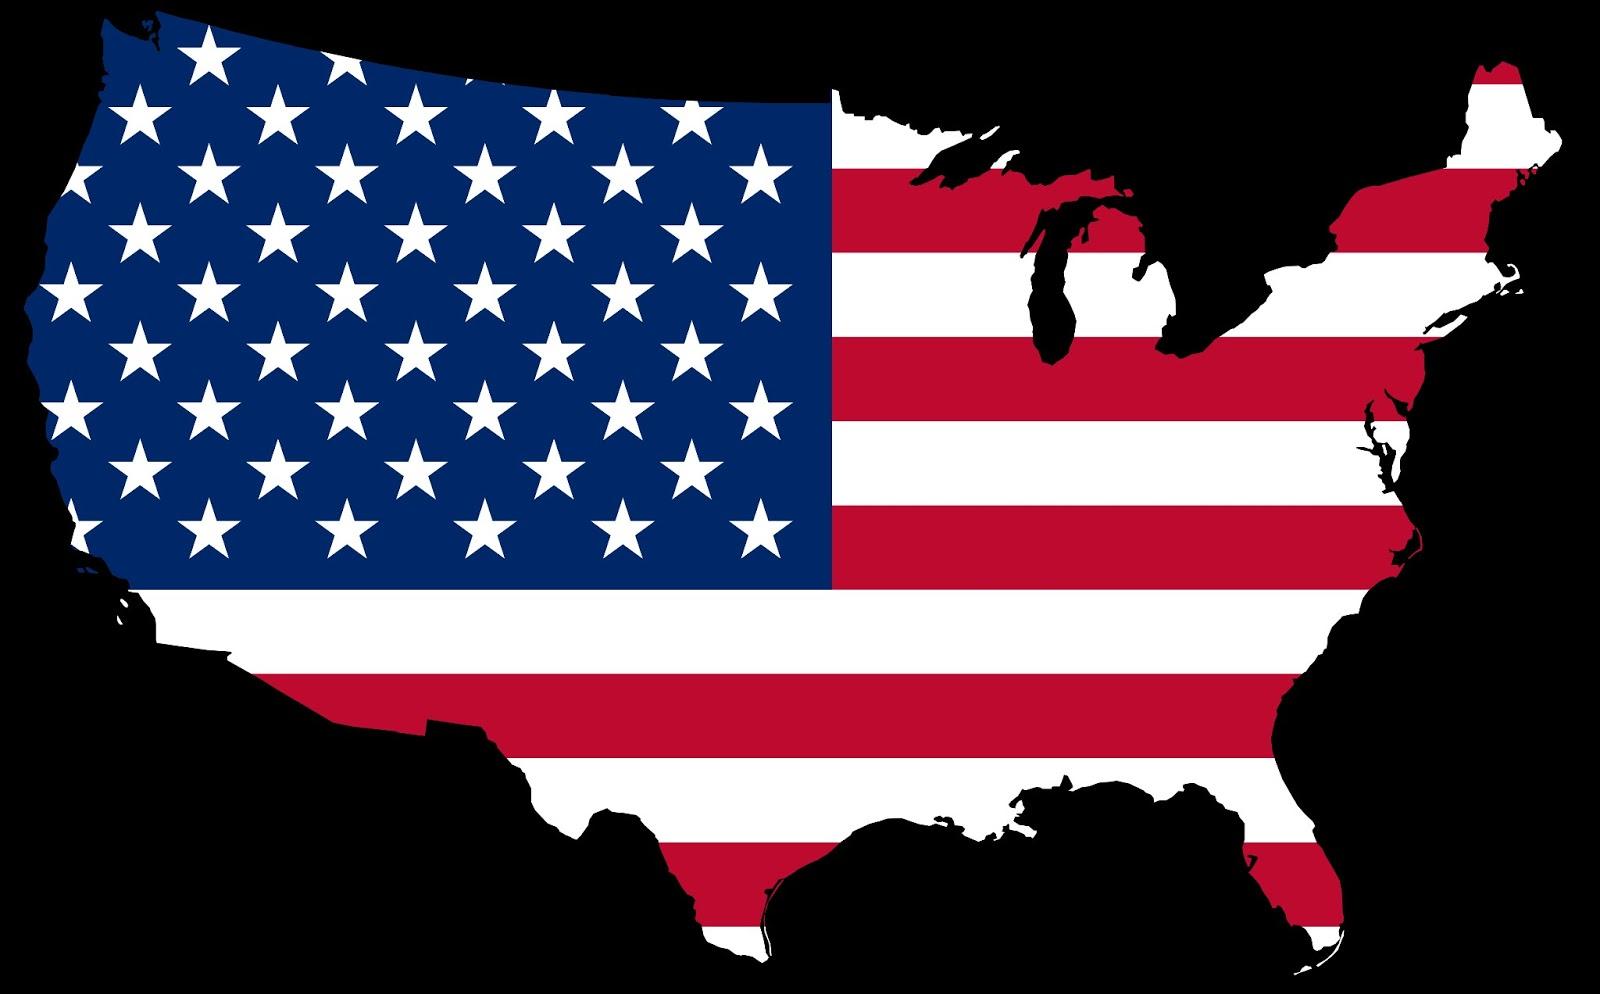 50 Usa Flag Wallpaper Hd On Wallpapersafari